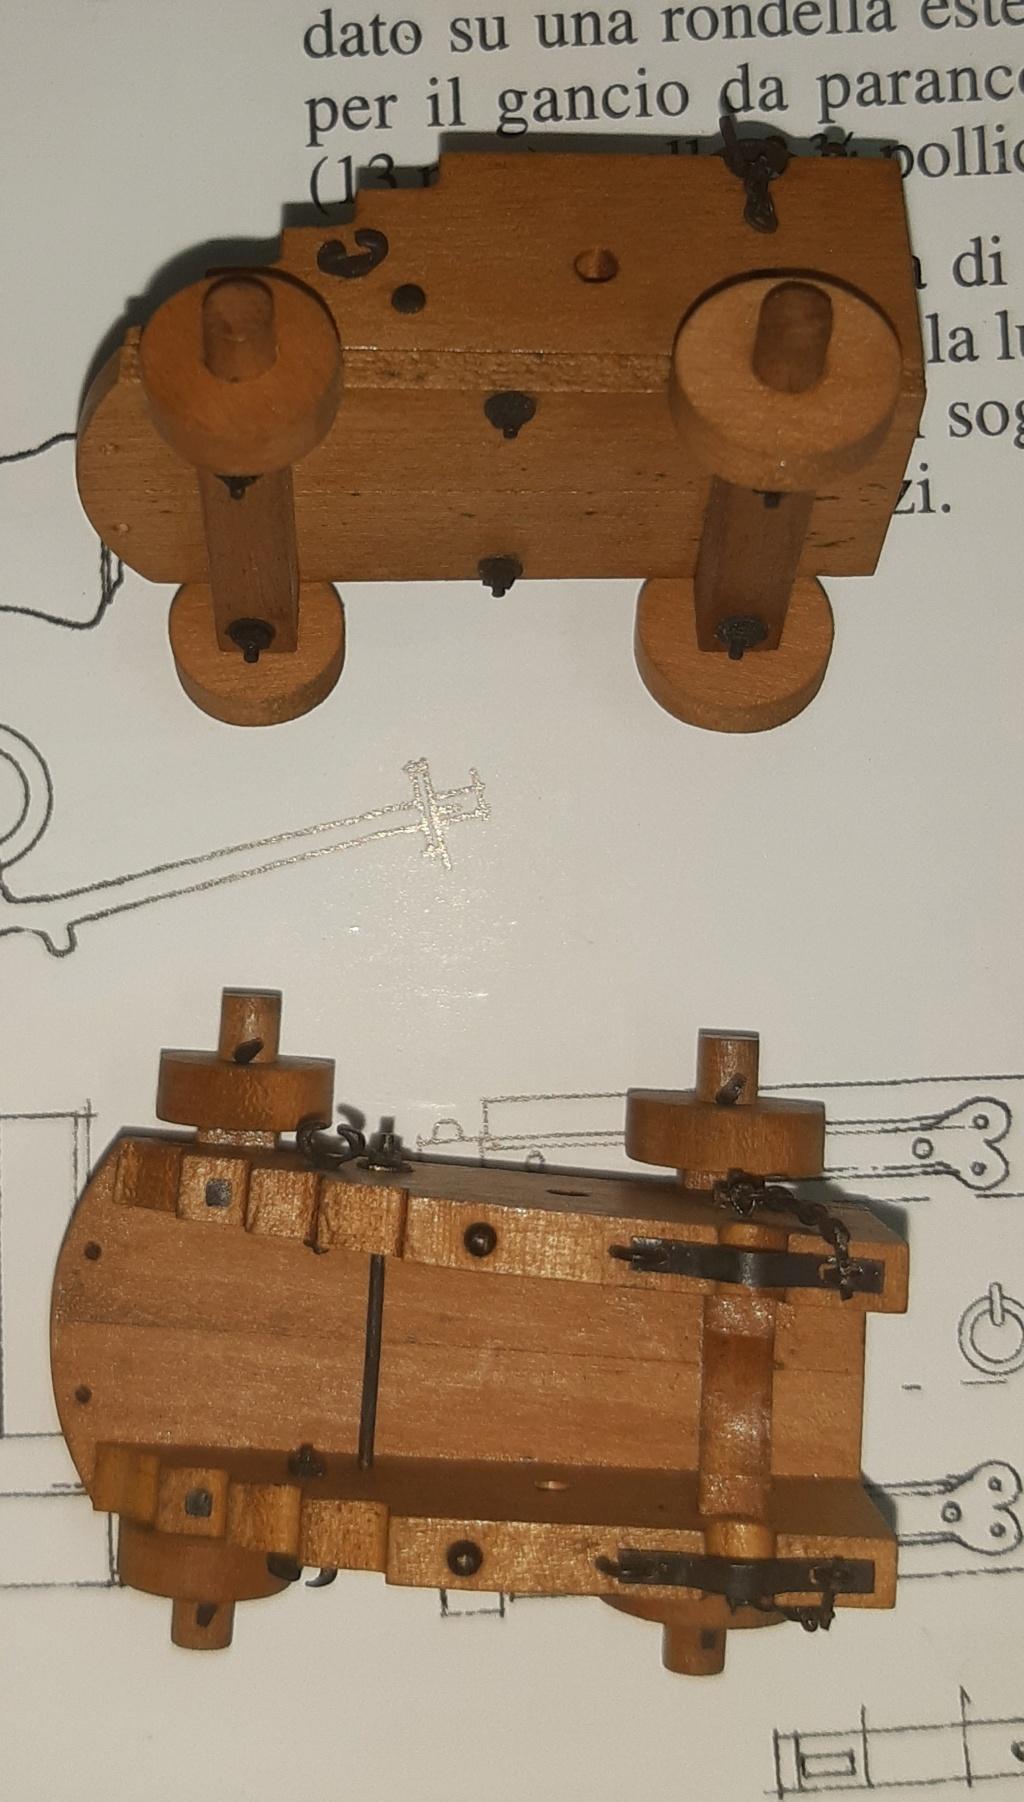 La Belle 1684 scala 1/24  piani ANCRE cantiere di grisuzone  - Pagina 9 Rim20112